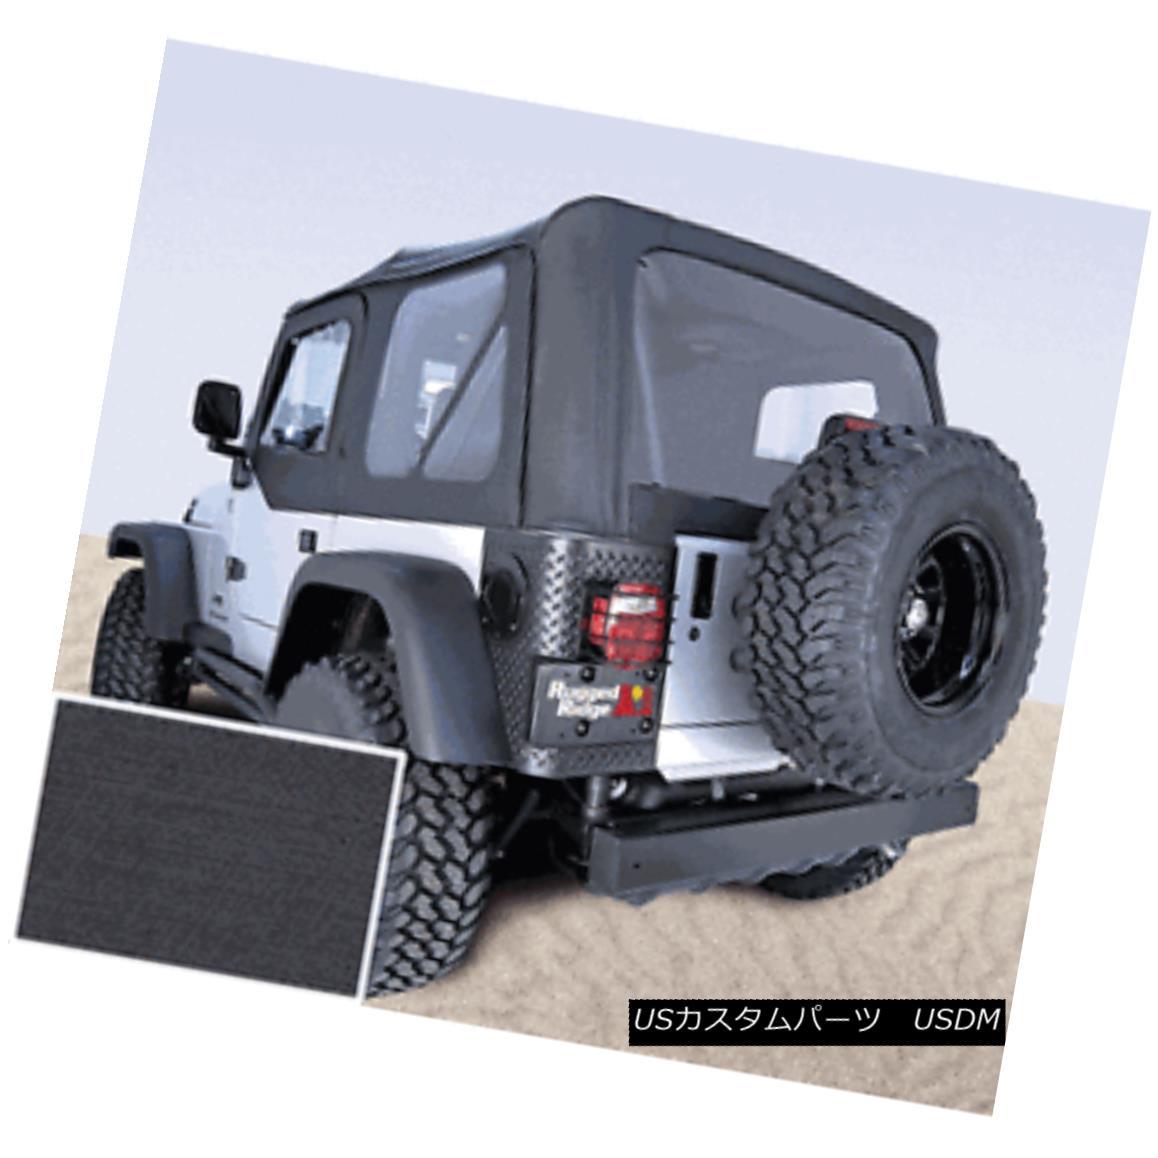 幌・ソフトトップ XHD Black Replacement Soft Top Jeep Wrangler YJ 1988-95 13721.15 Rugged Ridge XHDブラック交換ソフトトップジープラングラーYJ 1988-95 13721.15険しい尾根